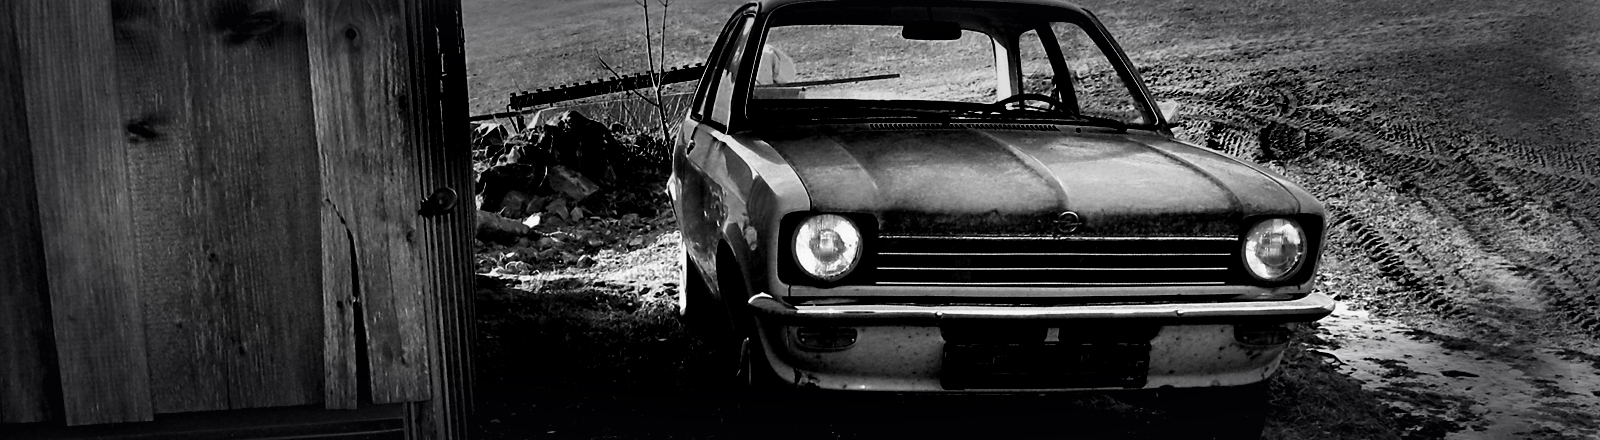 Ein alter Opel Kadett  steht neben einem Holzschuppen